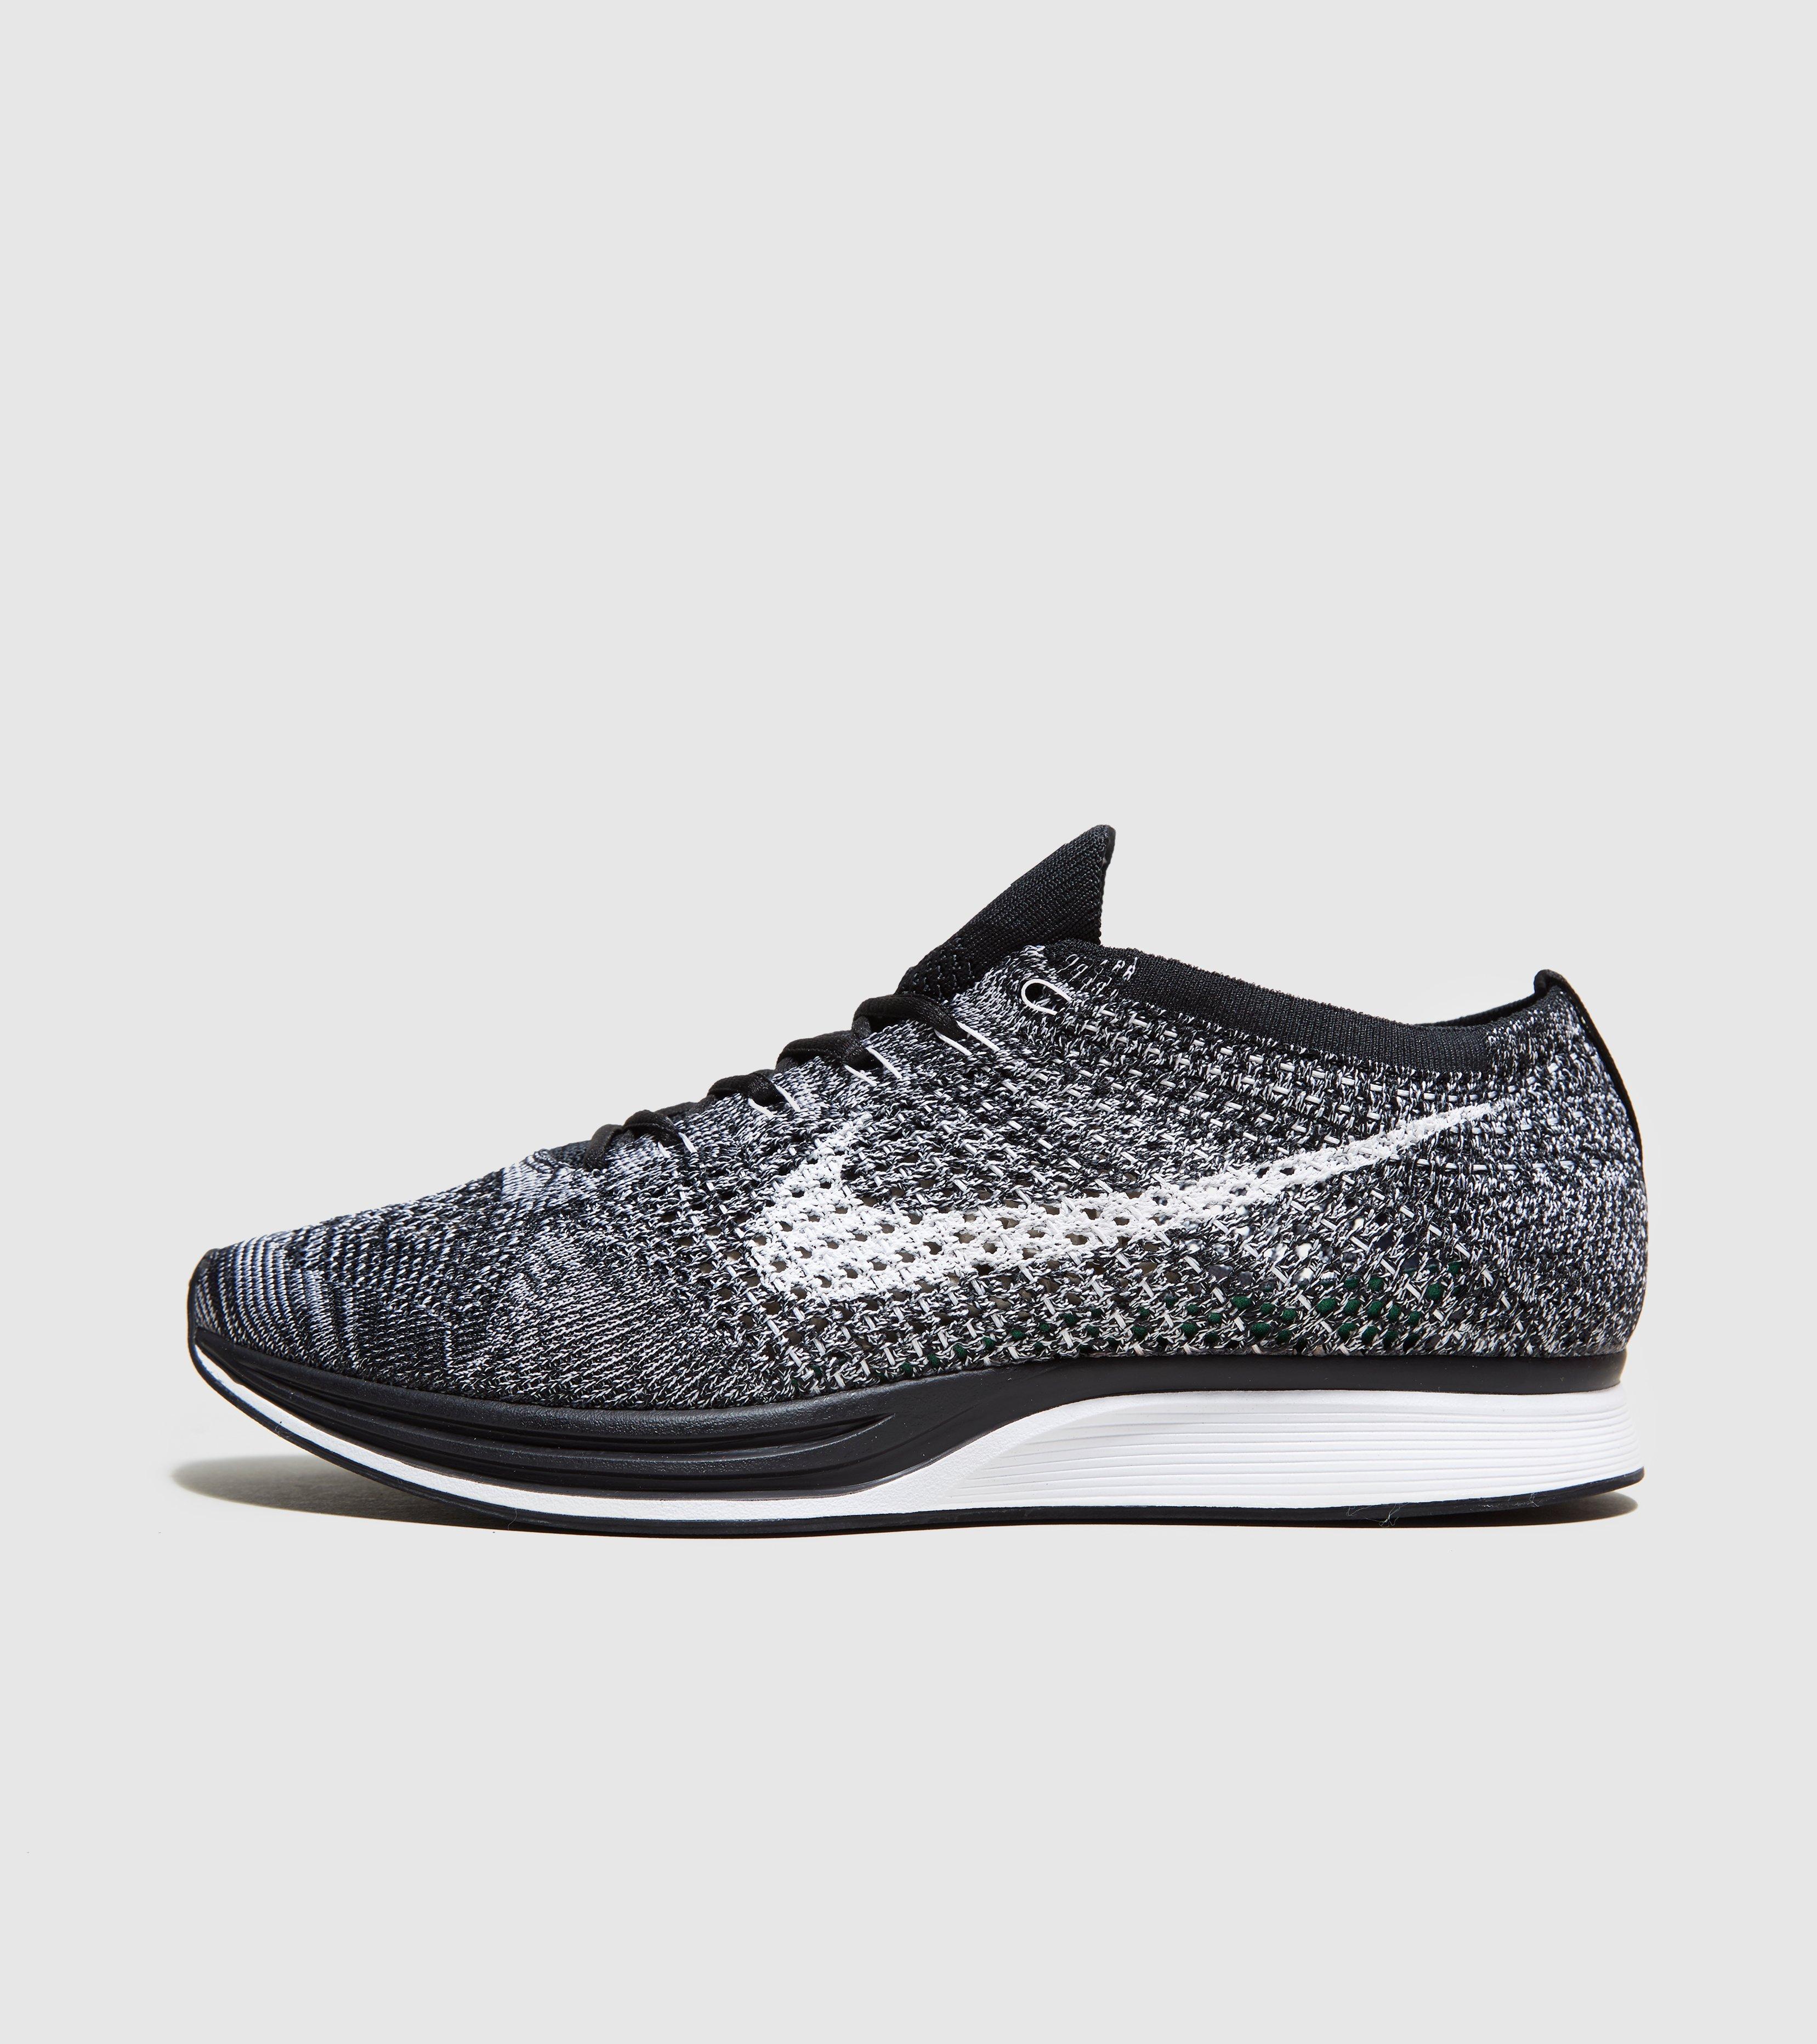 best-seller rabais vente meilleur Nike Taille Du Coureur Flyknit 9-5 Mac vente 100% authentique 9J1Q8gs